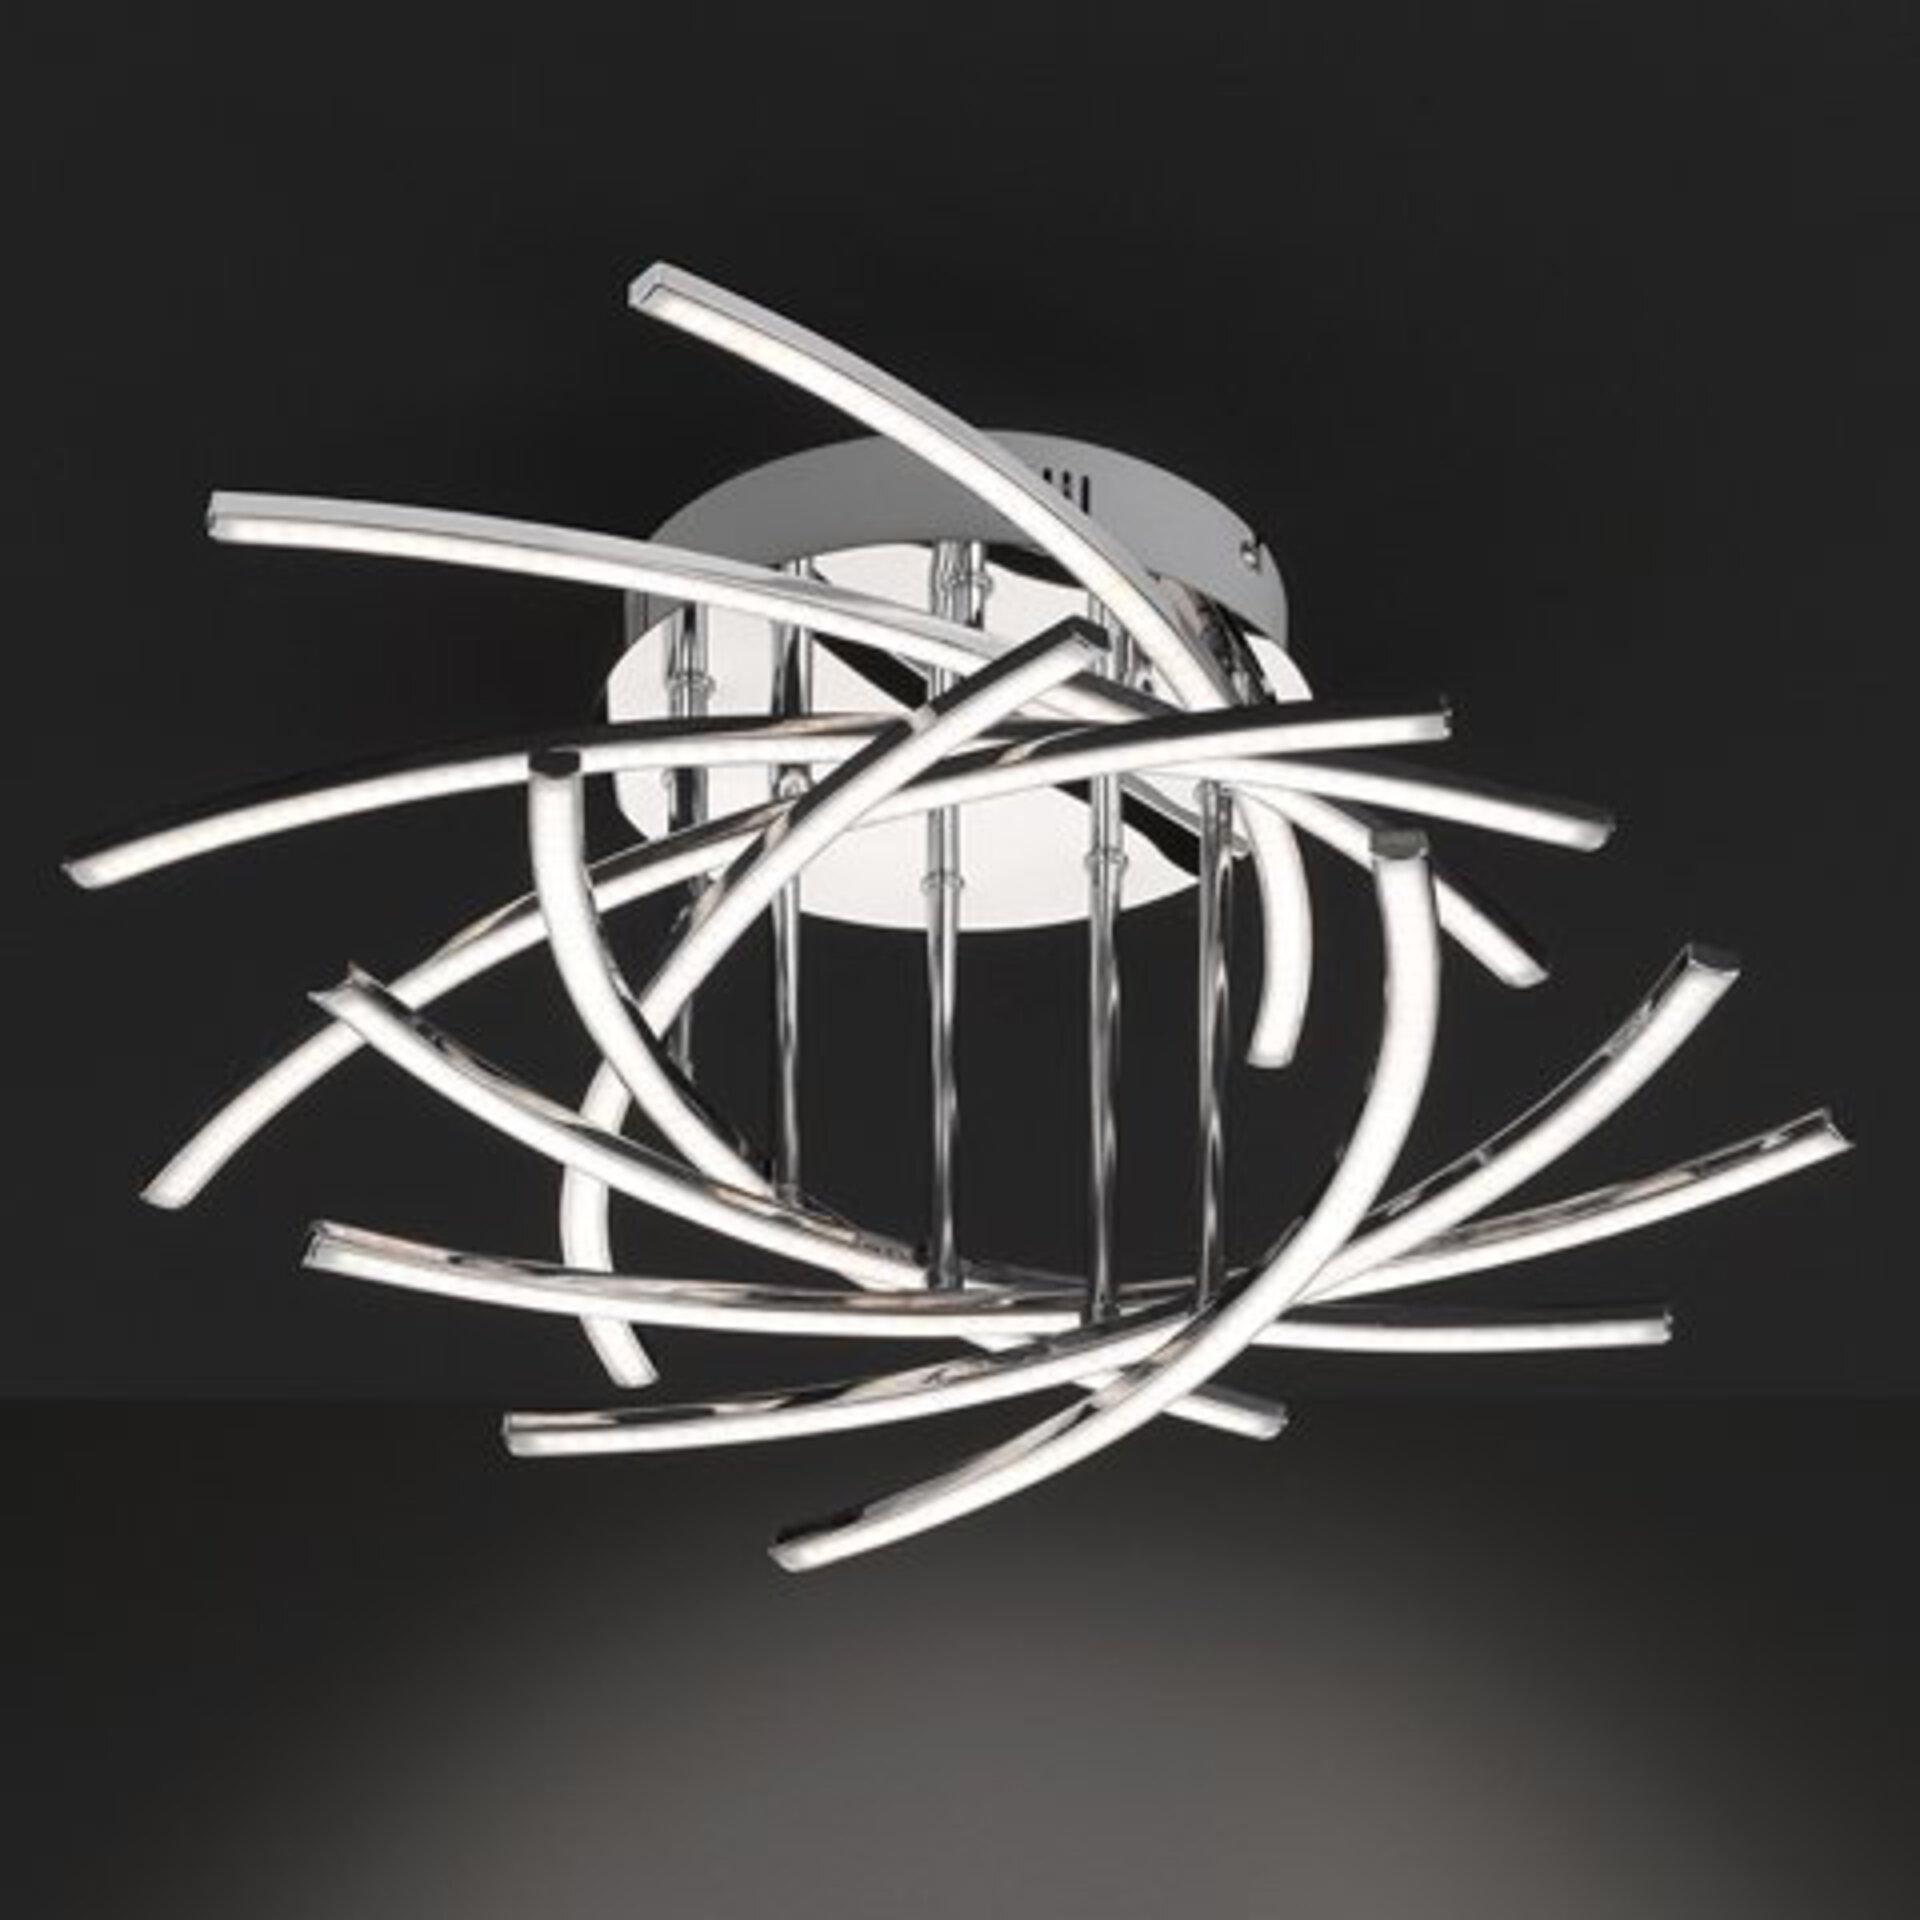 Deckenleuchte Cross Fischer-Honsel Metall silber 55 x 26 x 55 cm